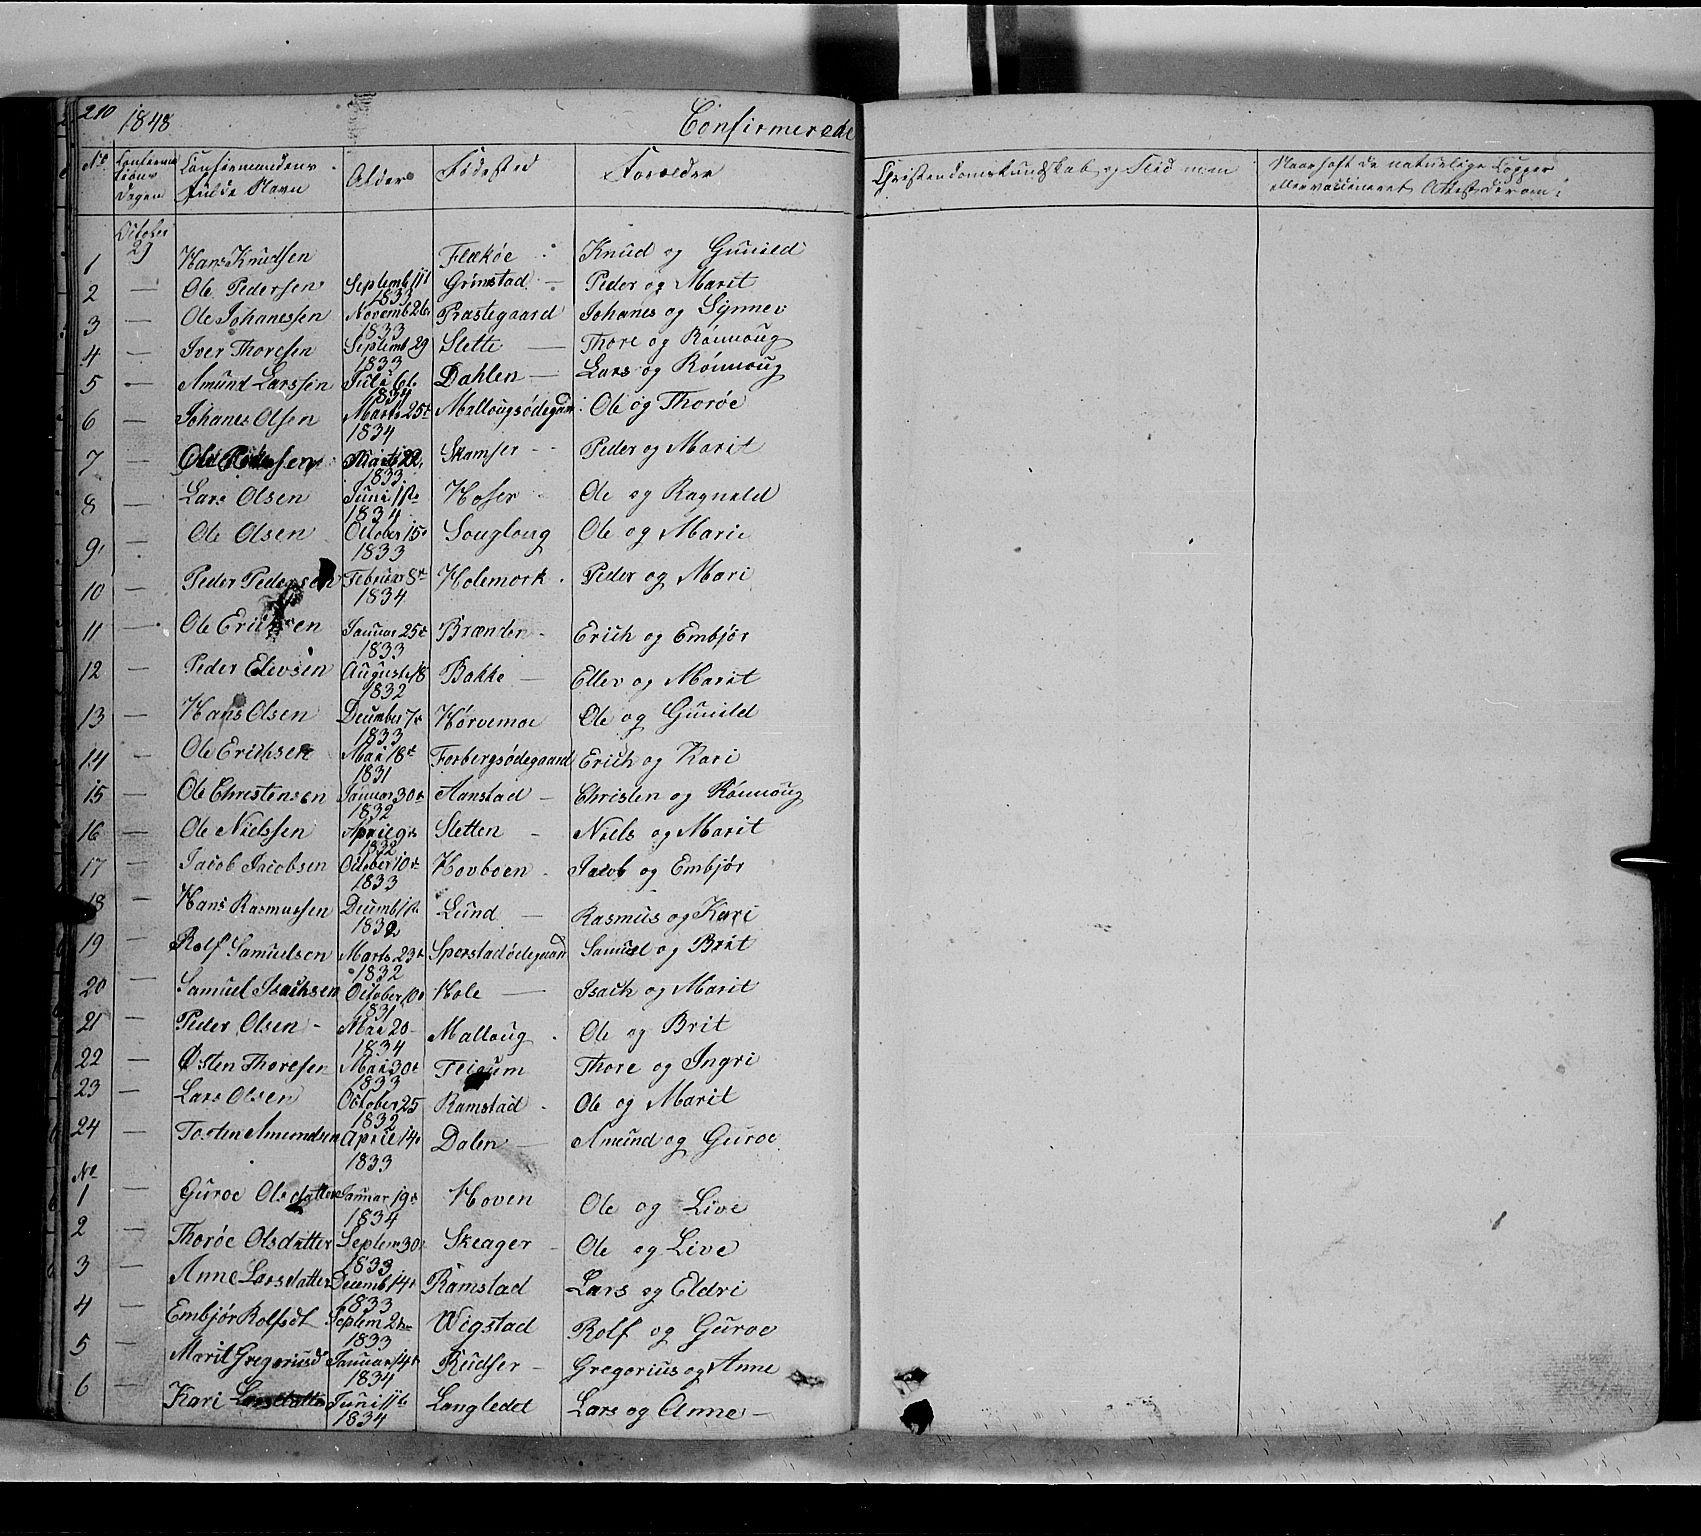 SAH, Lom prestekontor, L/L0004: Klokkerbok nr. 4, 1845-1864, s. 210-211